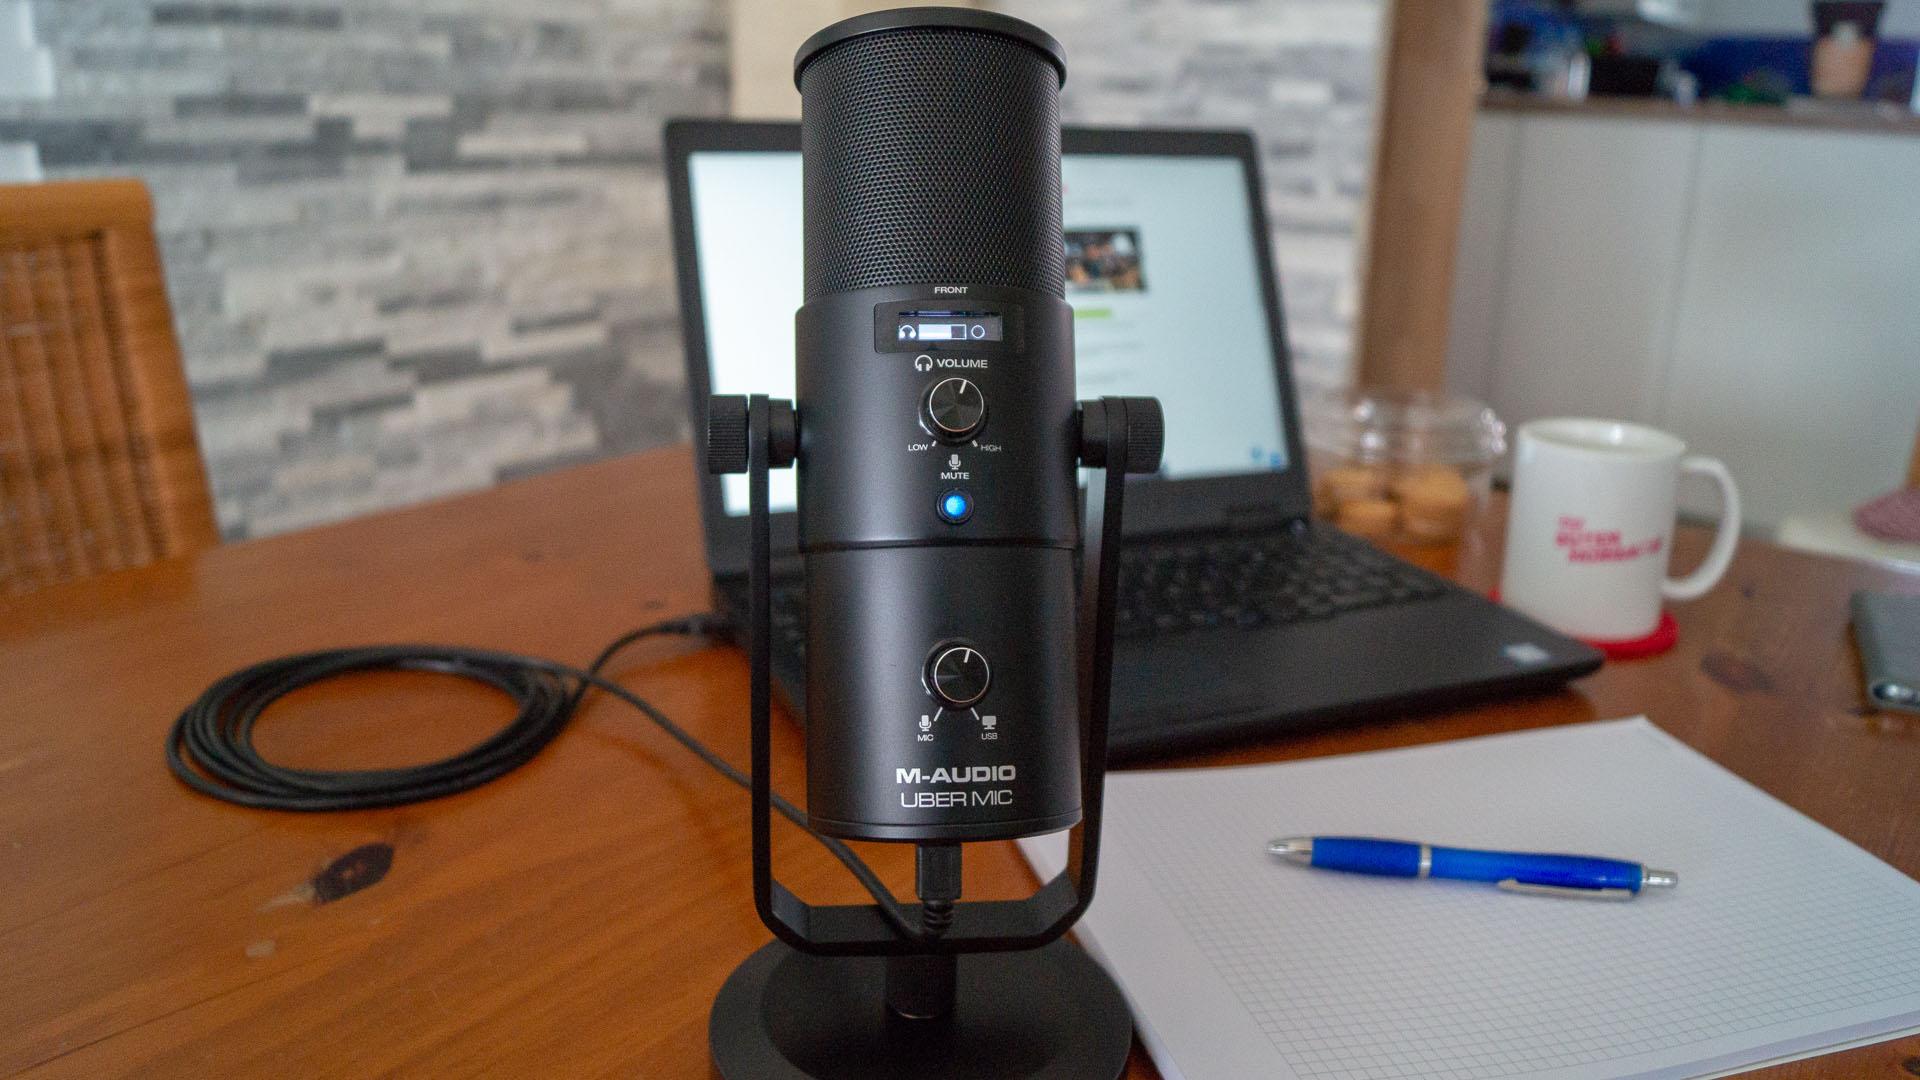 کیفیت صدا در پک آموزش تری دی مکس و وی ری